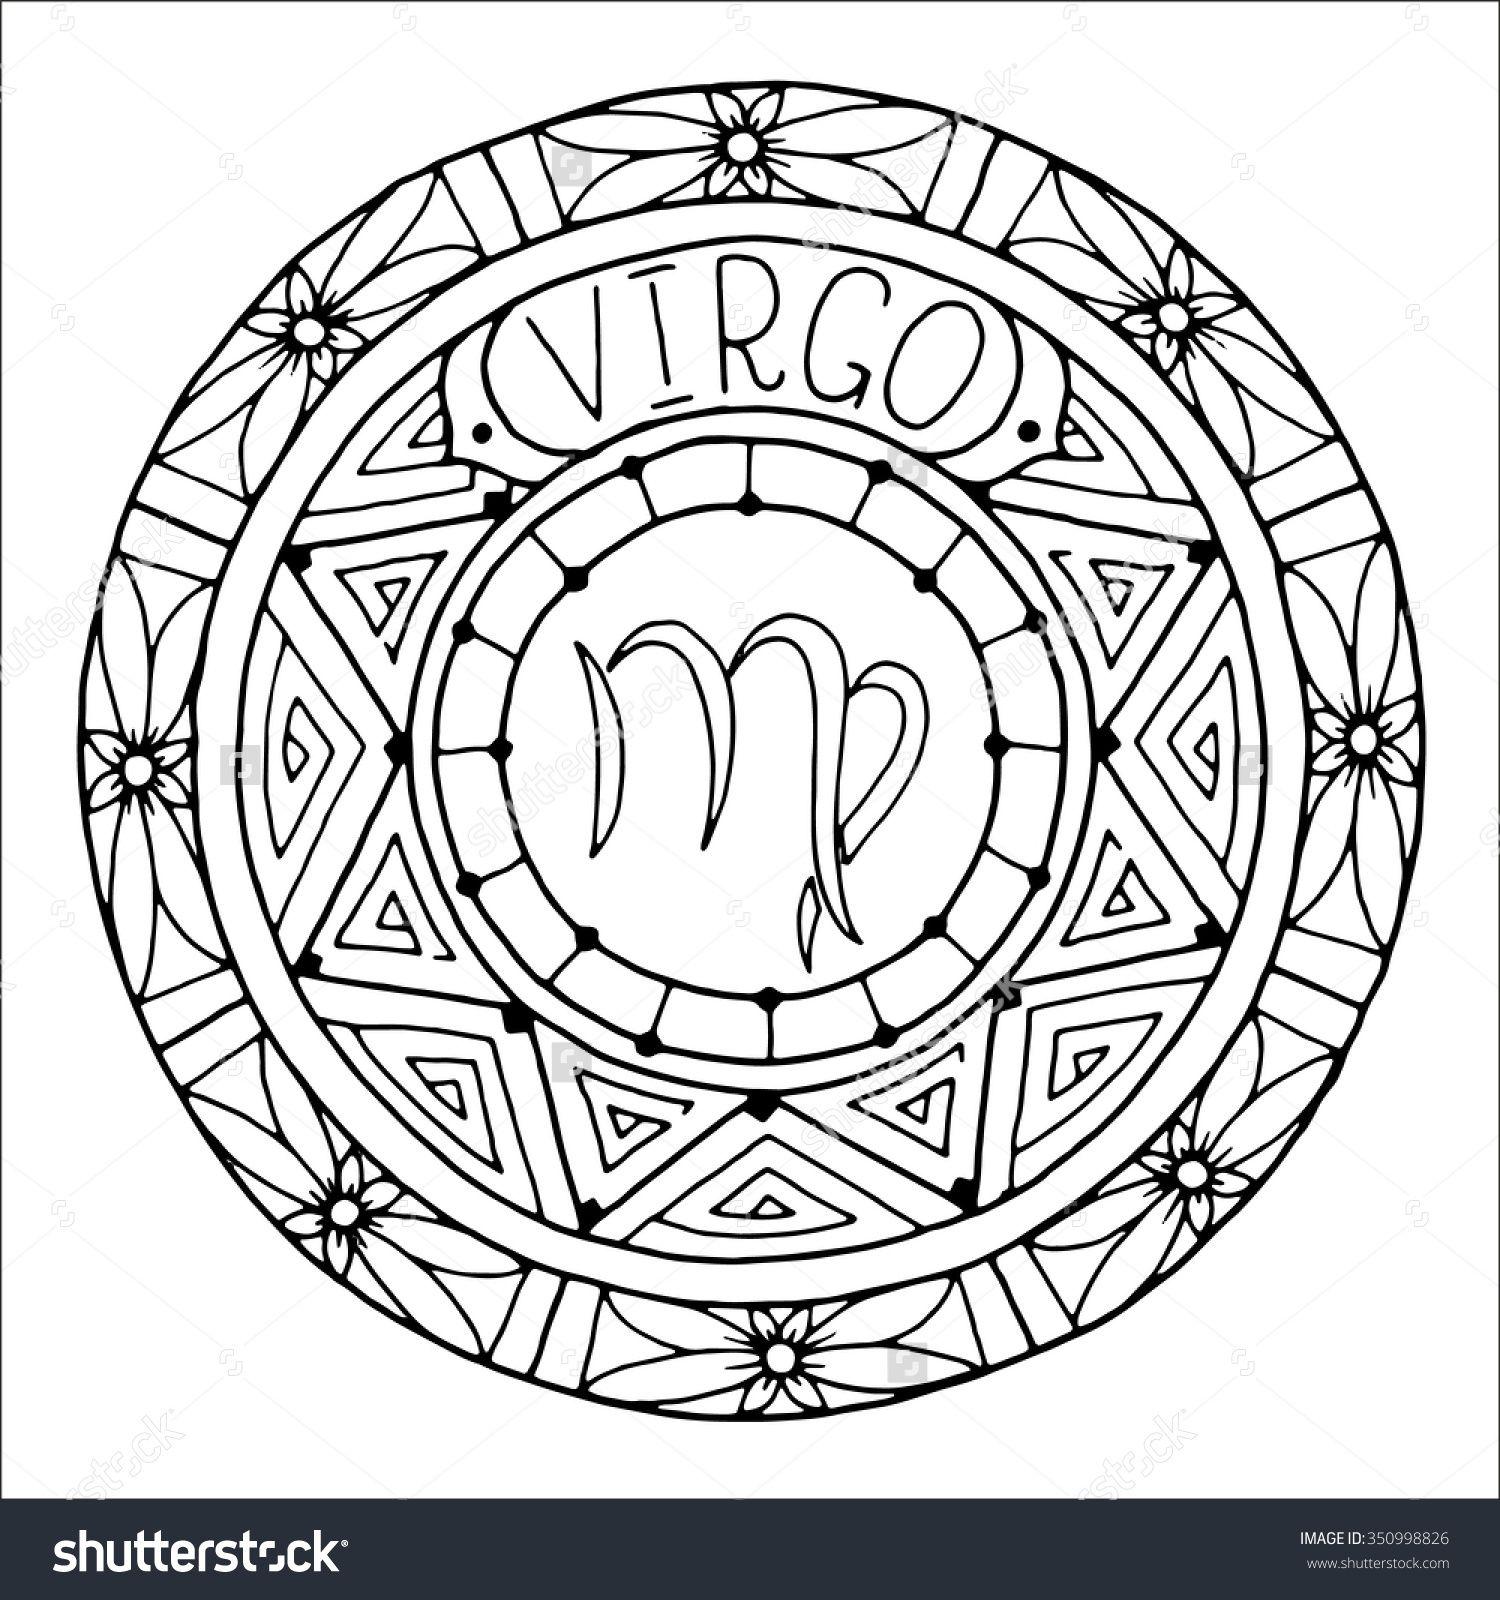 29 Virgo Coloring ideas  virgo, virgo constellation tattoo, virgo